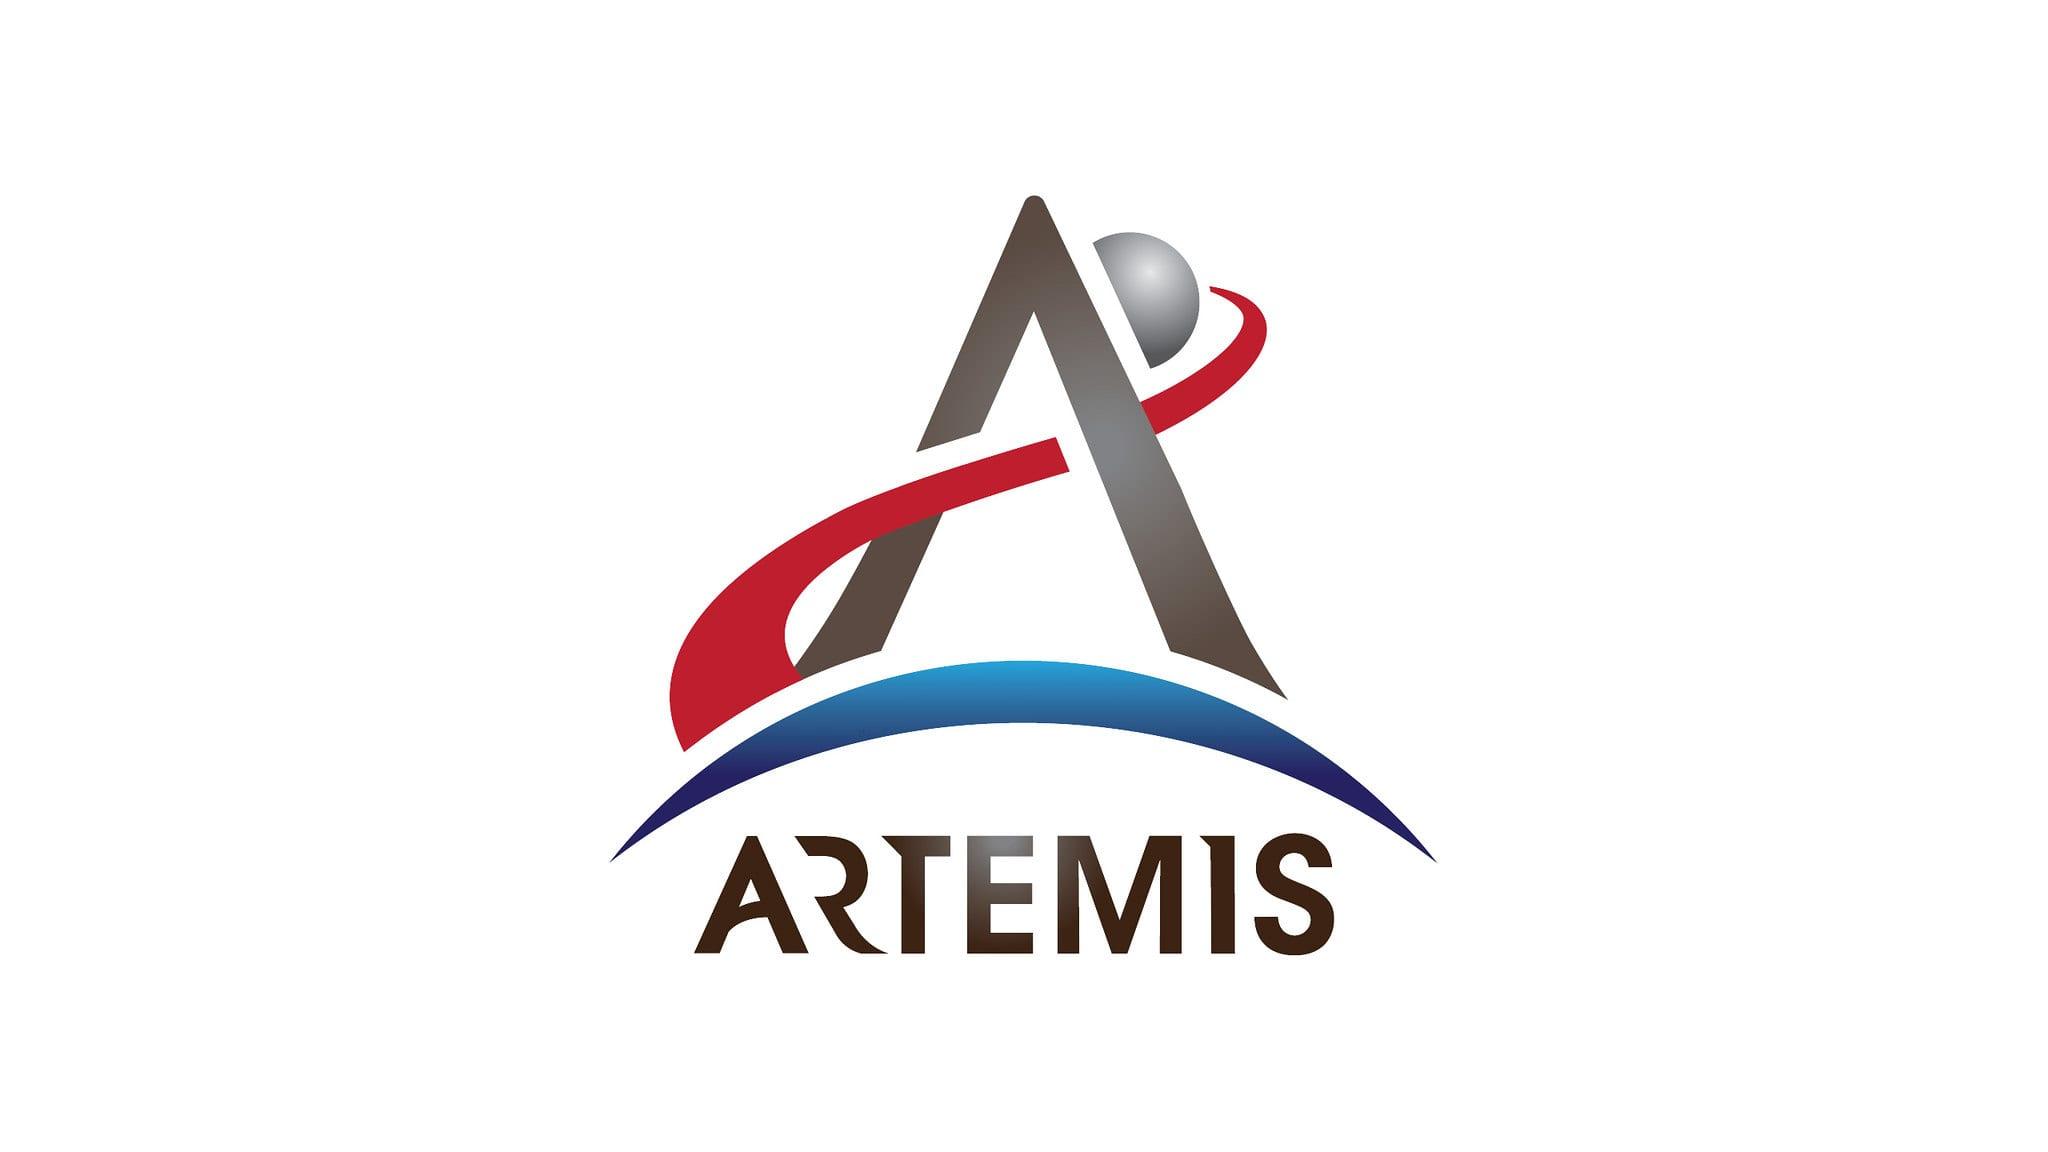 Artemis team: annunciati i primi membri della missione per la Luna e oltre